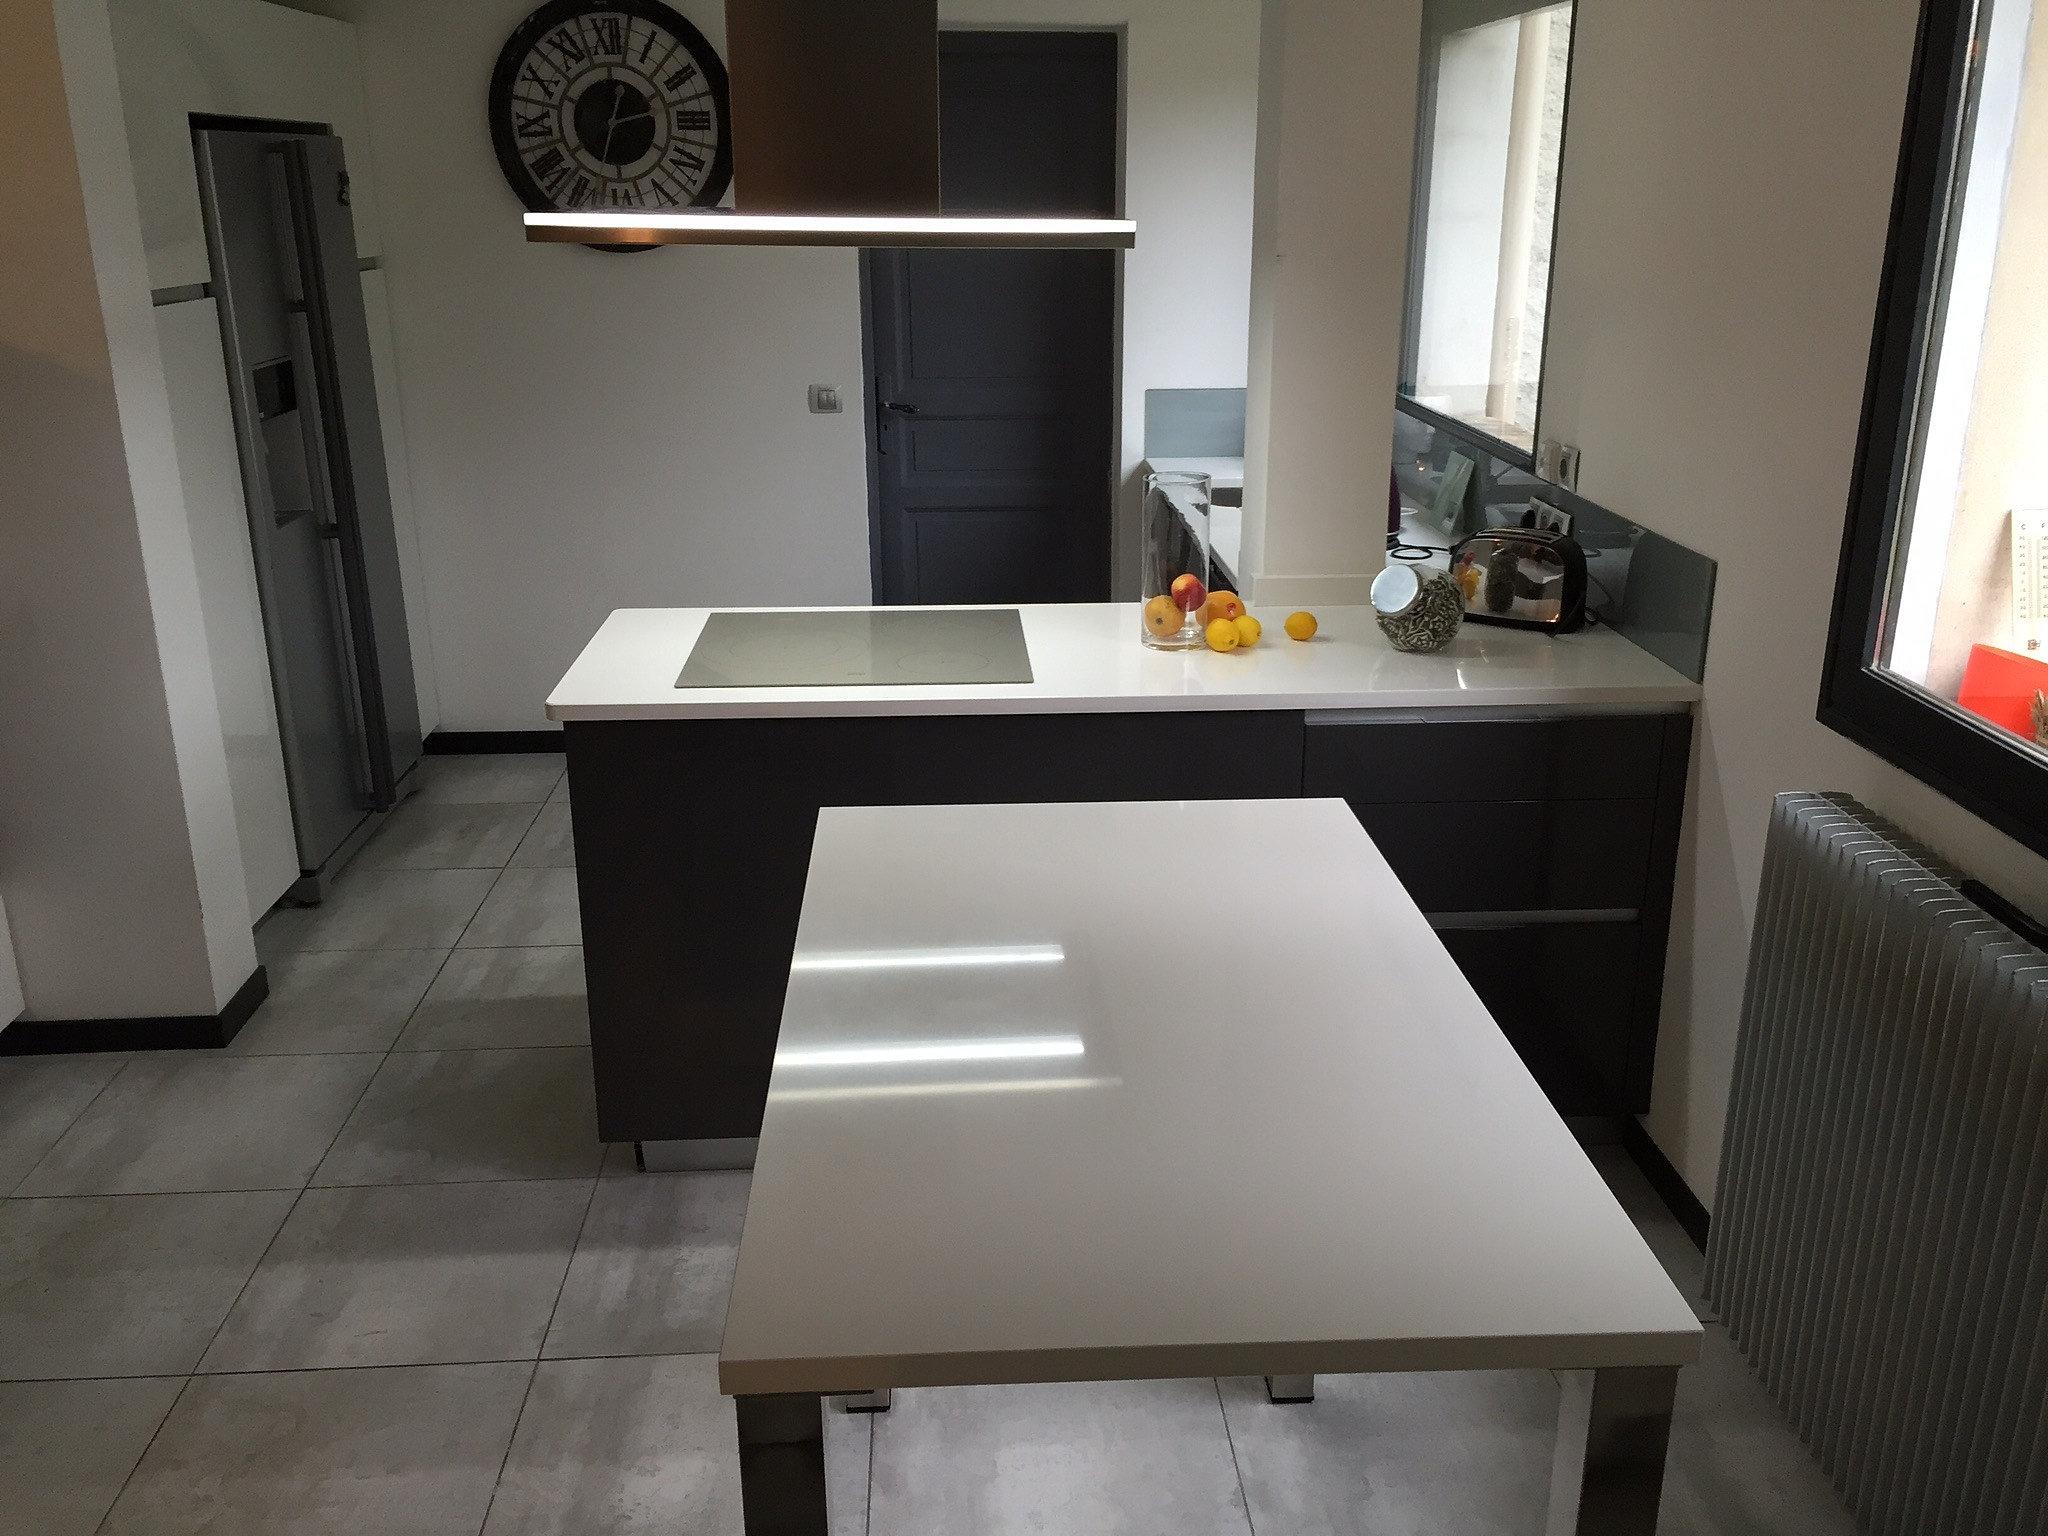 Plan de travail granit quartz table en mabre paris for Plan table de cuisine